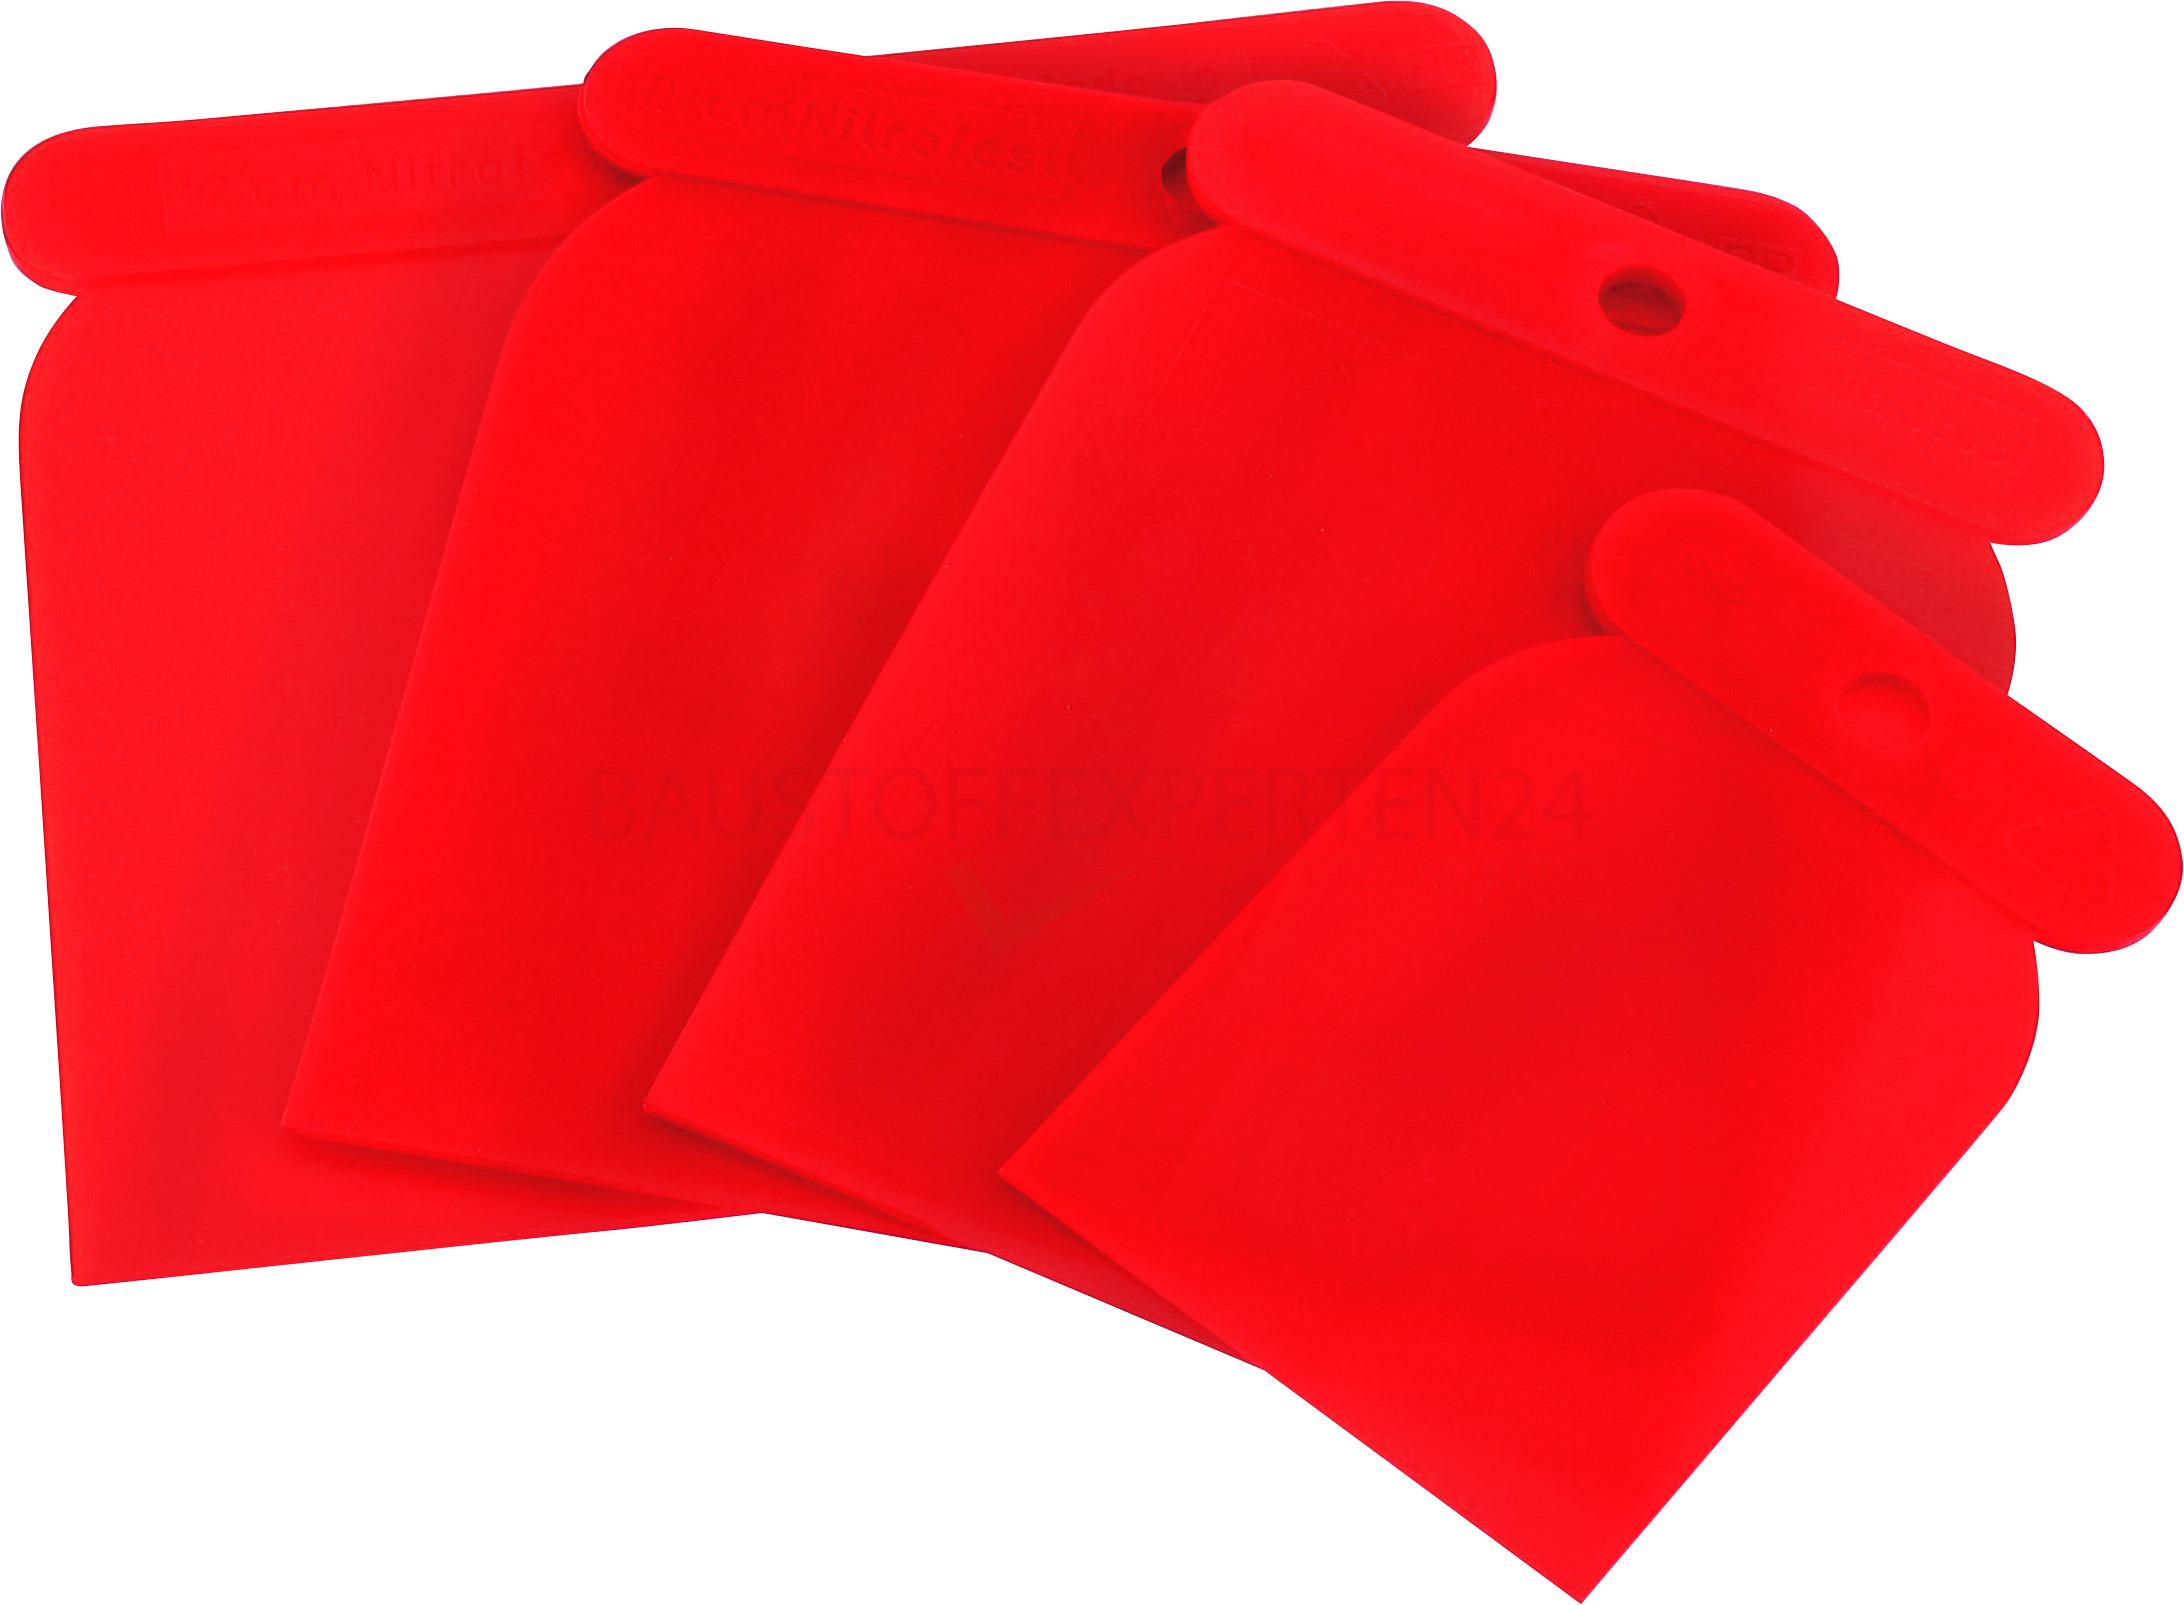 Japanspachtel-Satz aus Kunststoff, rot, 4-teilig